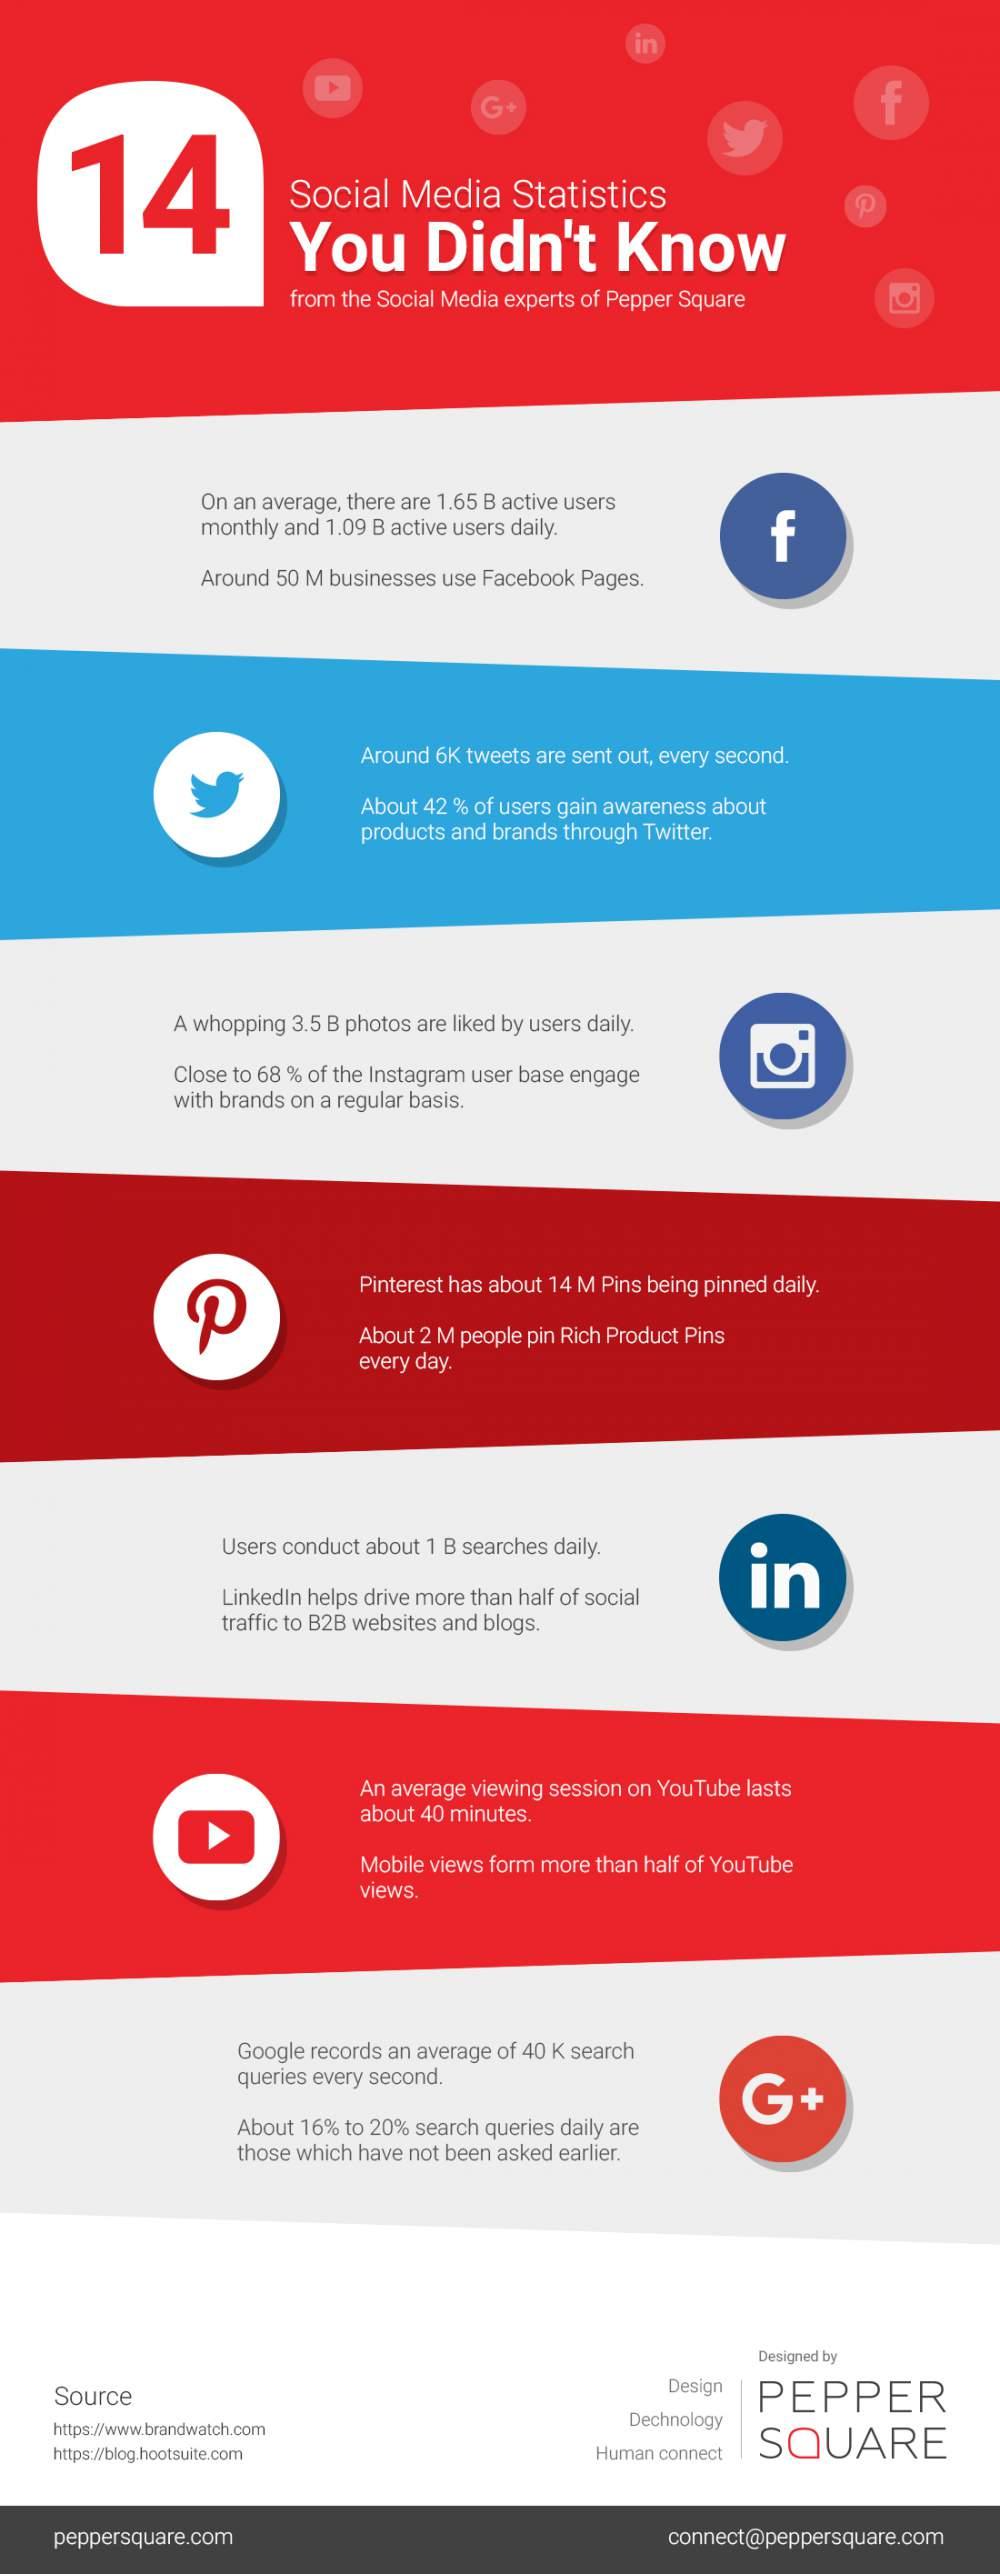 14 Social Media Statistics